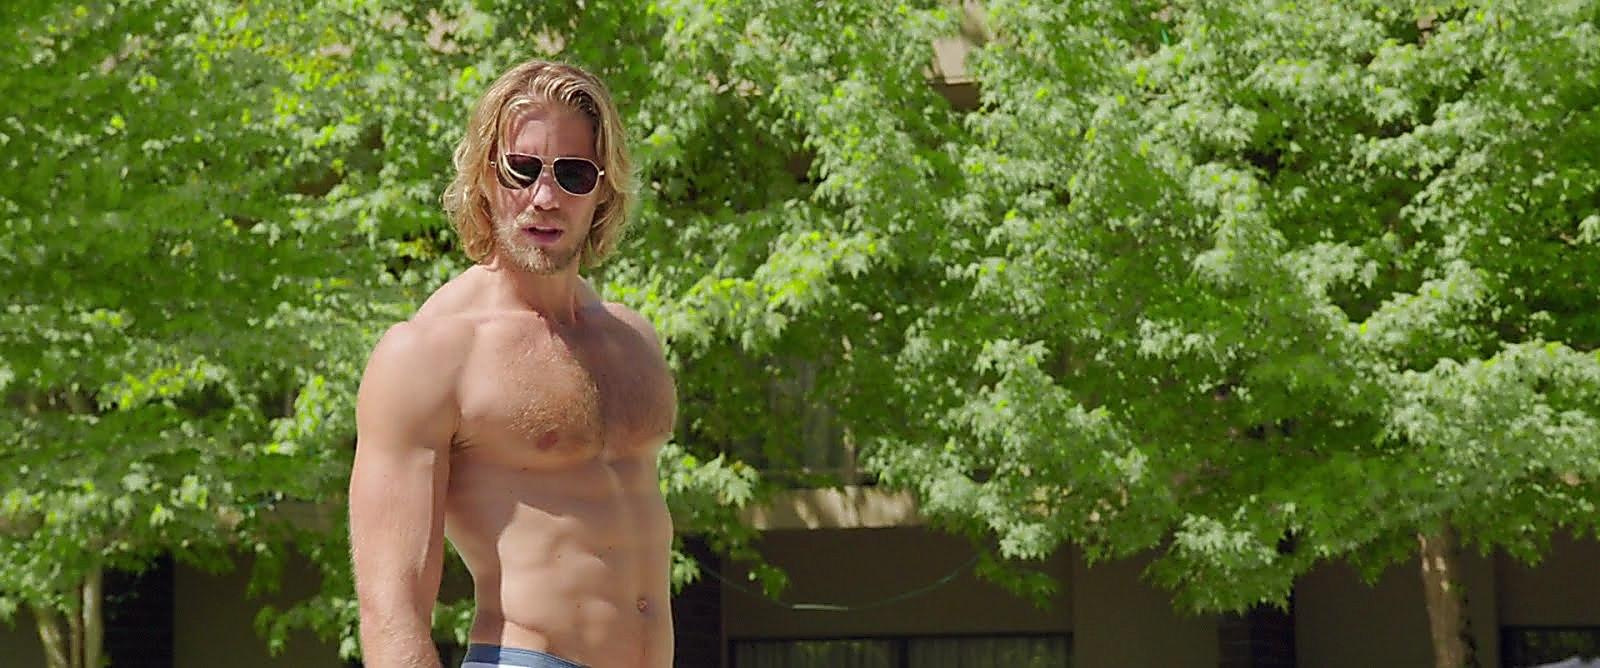 Matt Barr sexy shirtless scene September 1, 2017, 11am